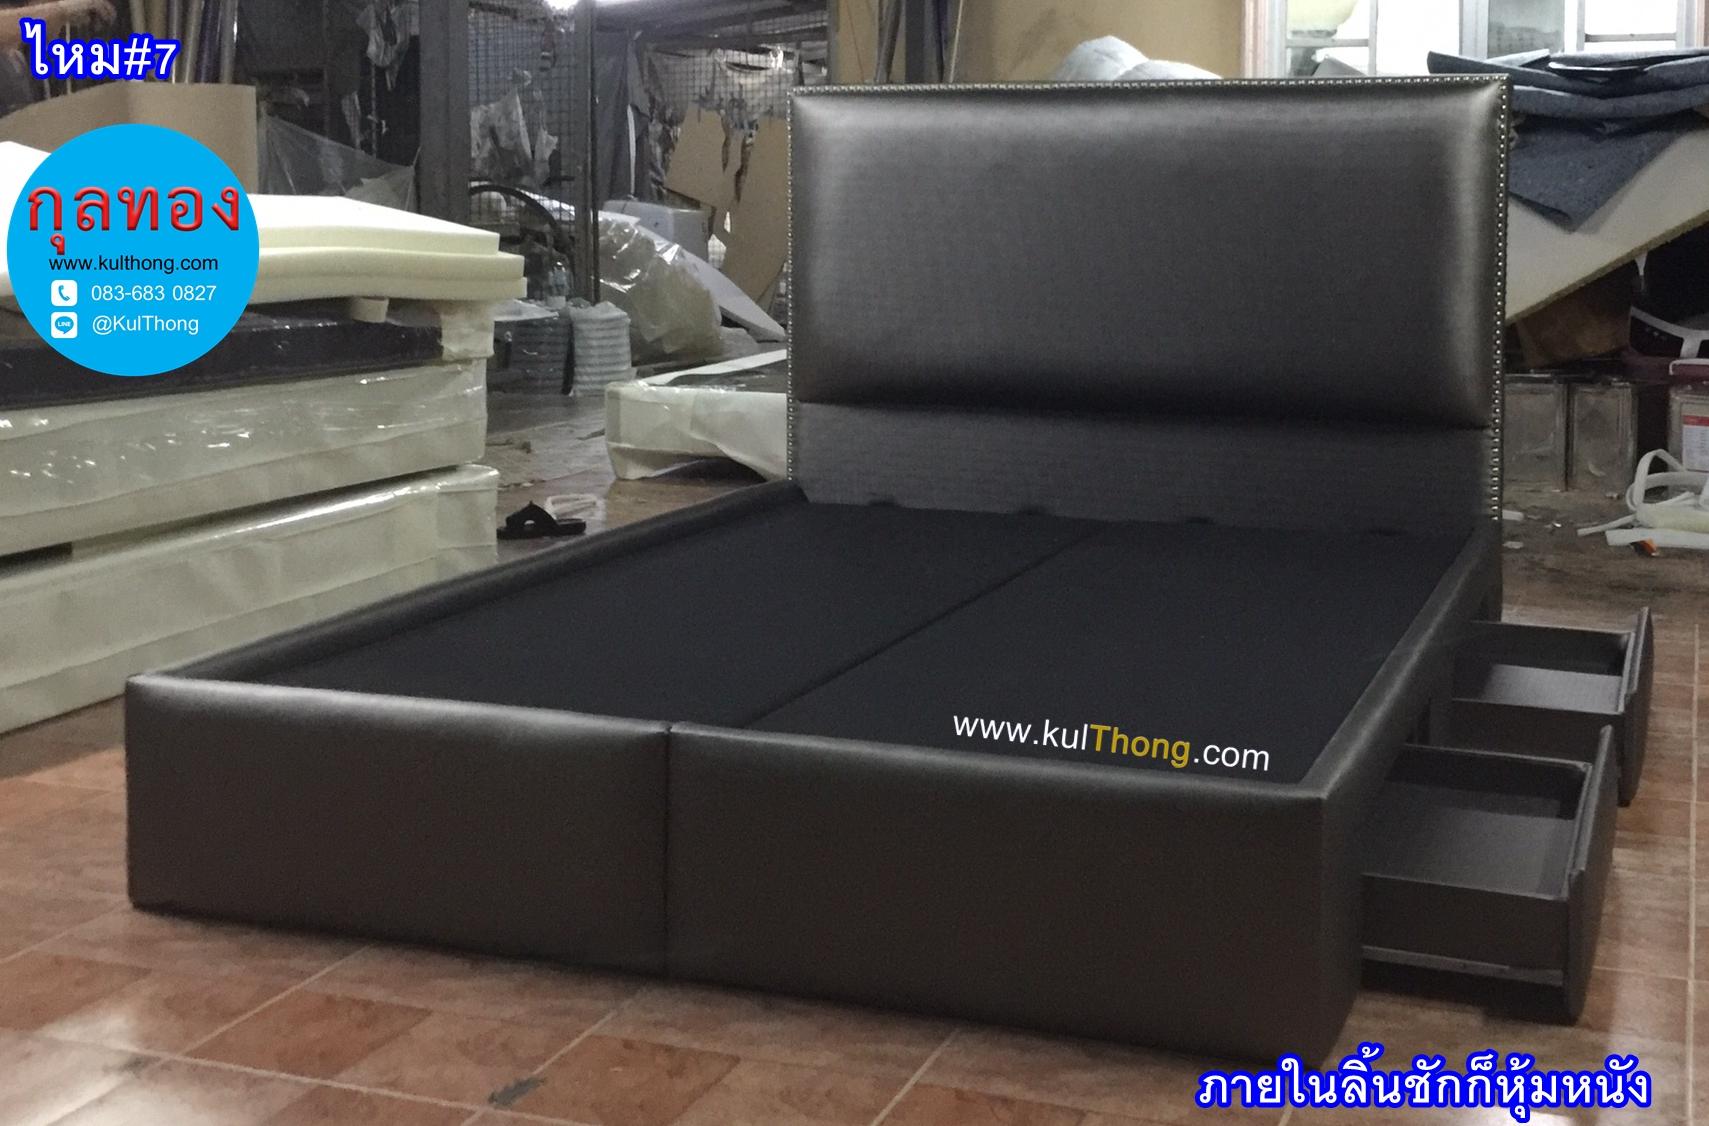 โรงงานผลิตเตียงนอน ฐานรองที่นอน เตียงลิ้นชัก